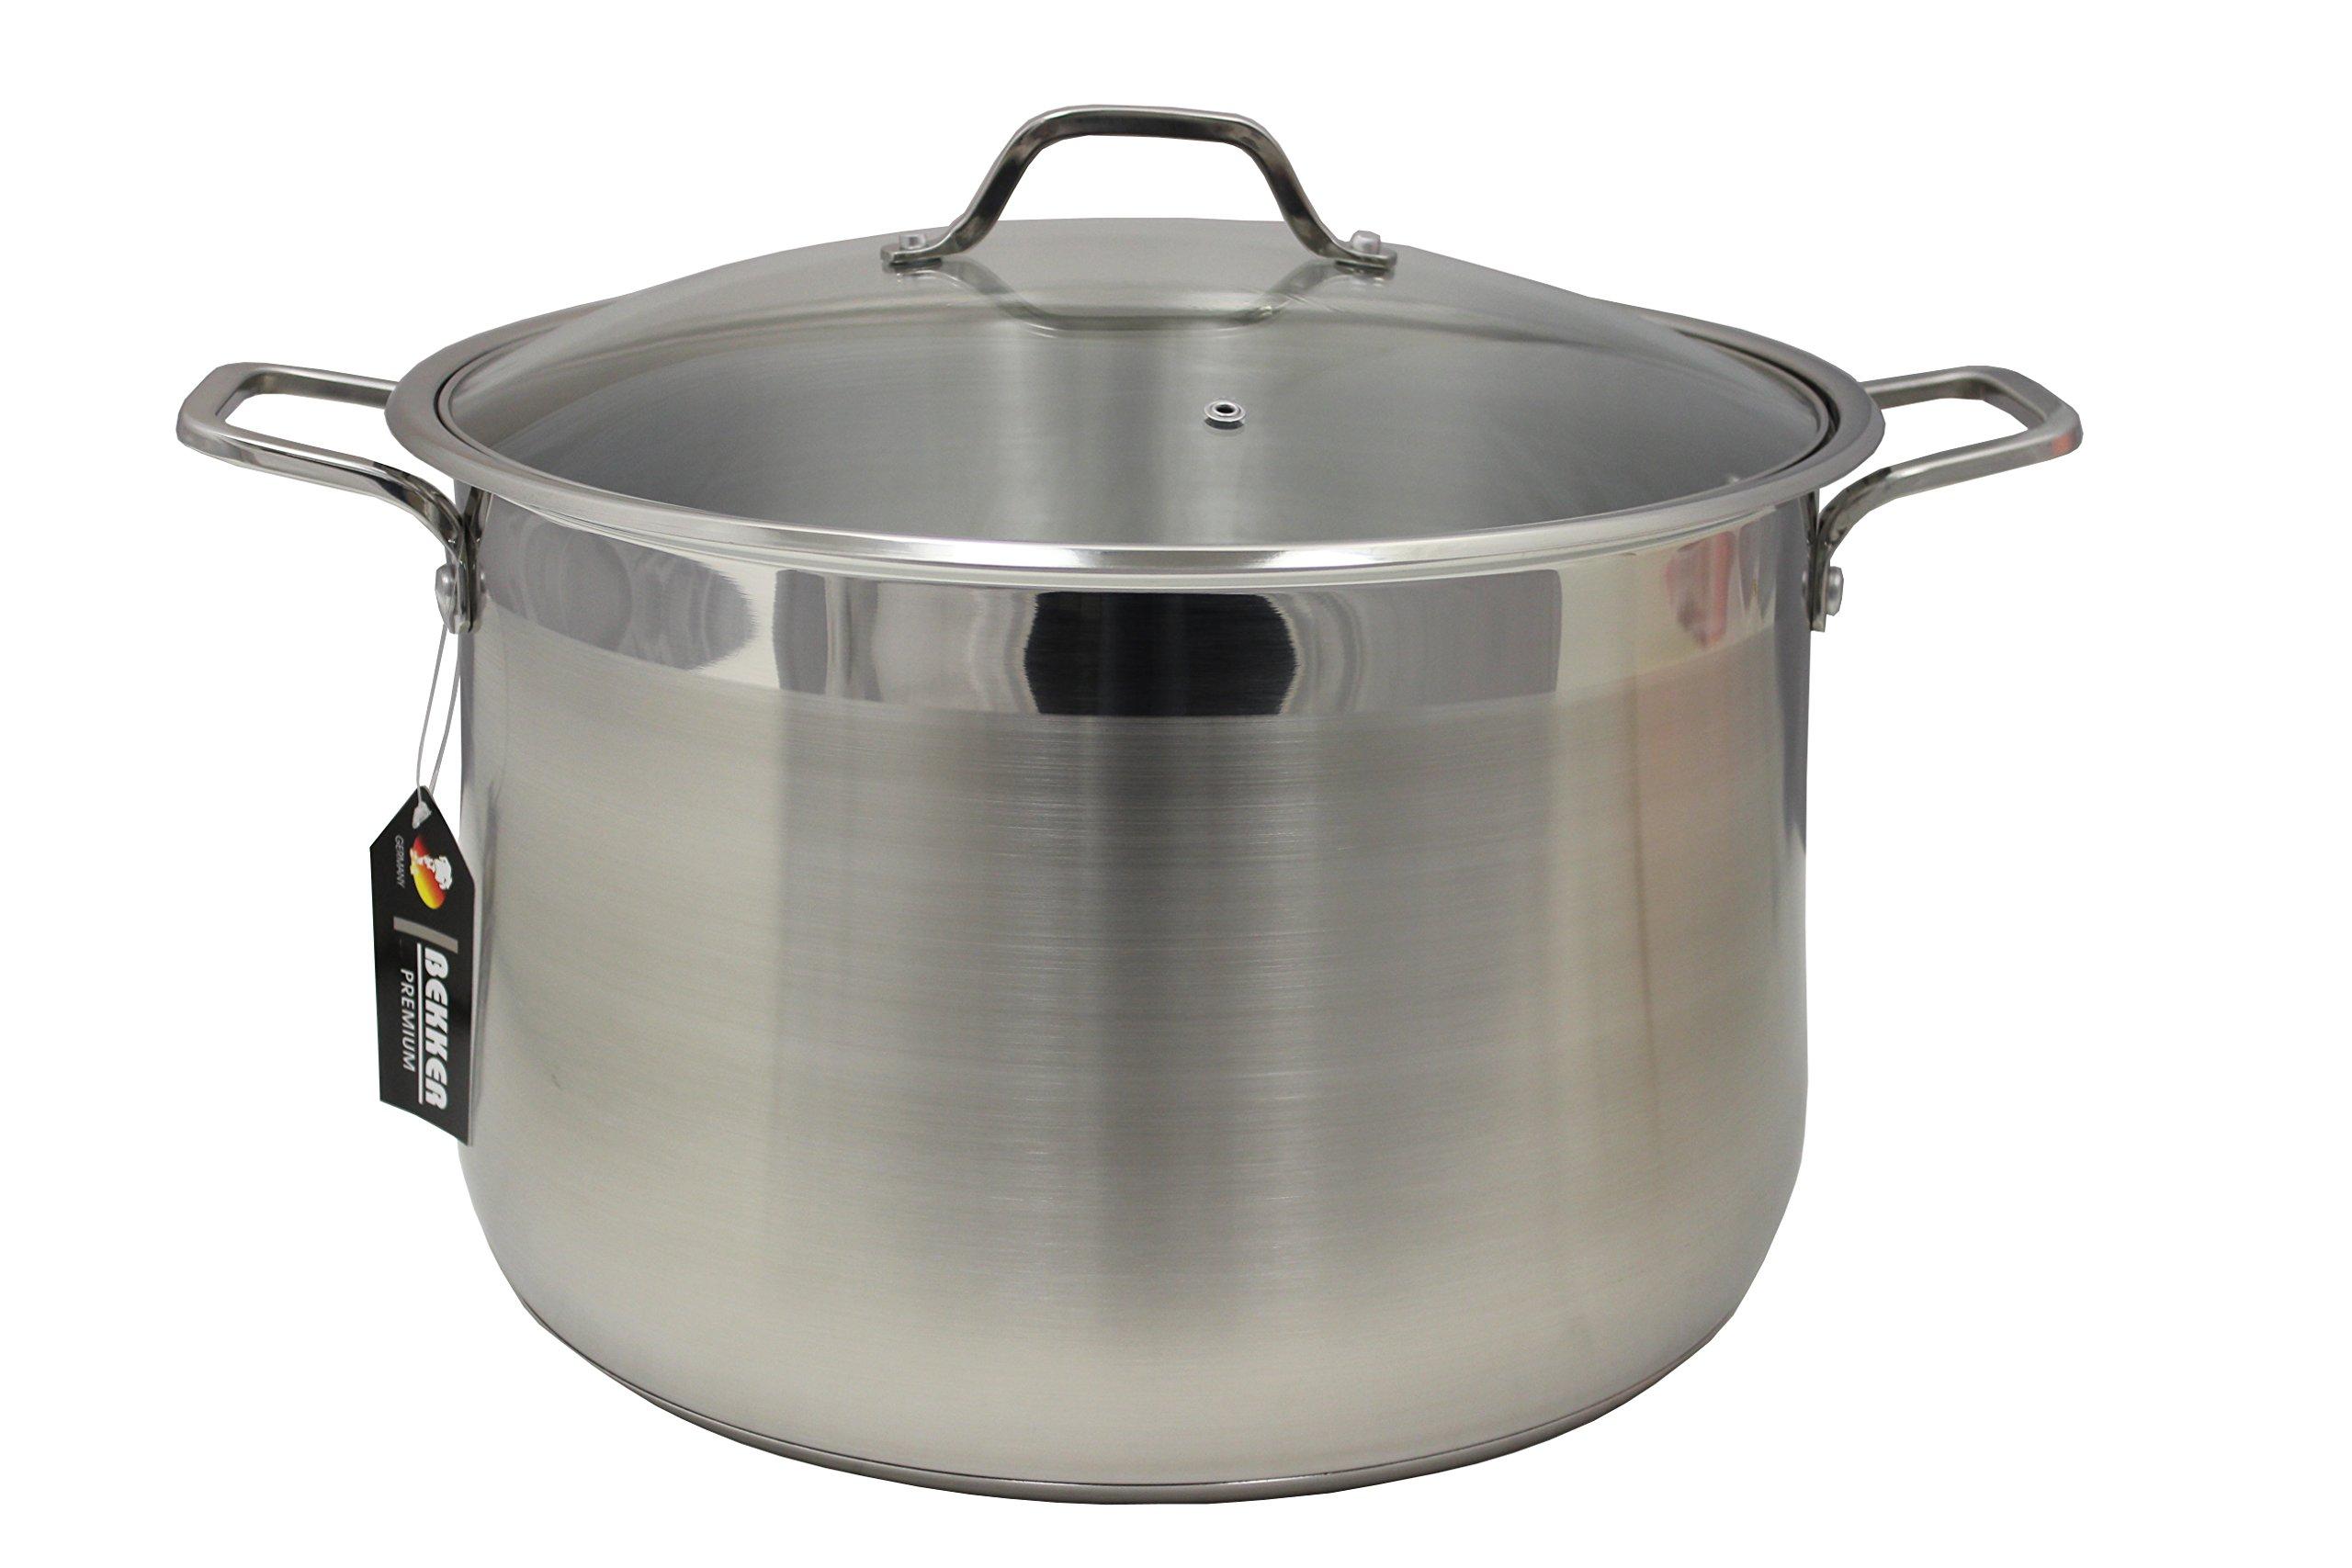 BEKKER Stainless Steel Stock Pot w/ Lid Triply Bottom (21.5 Quart)